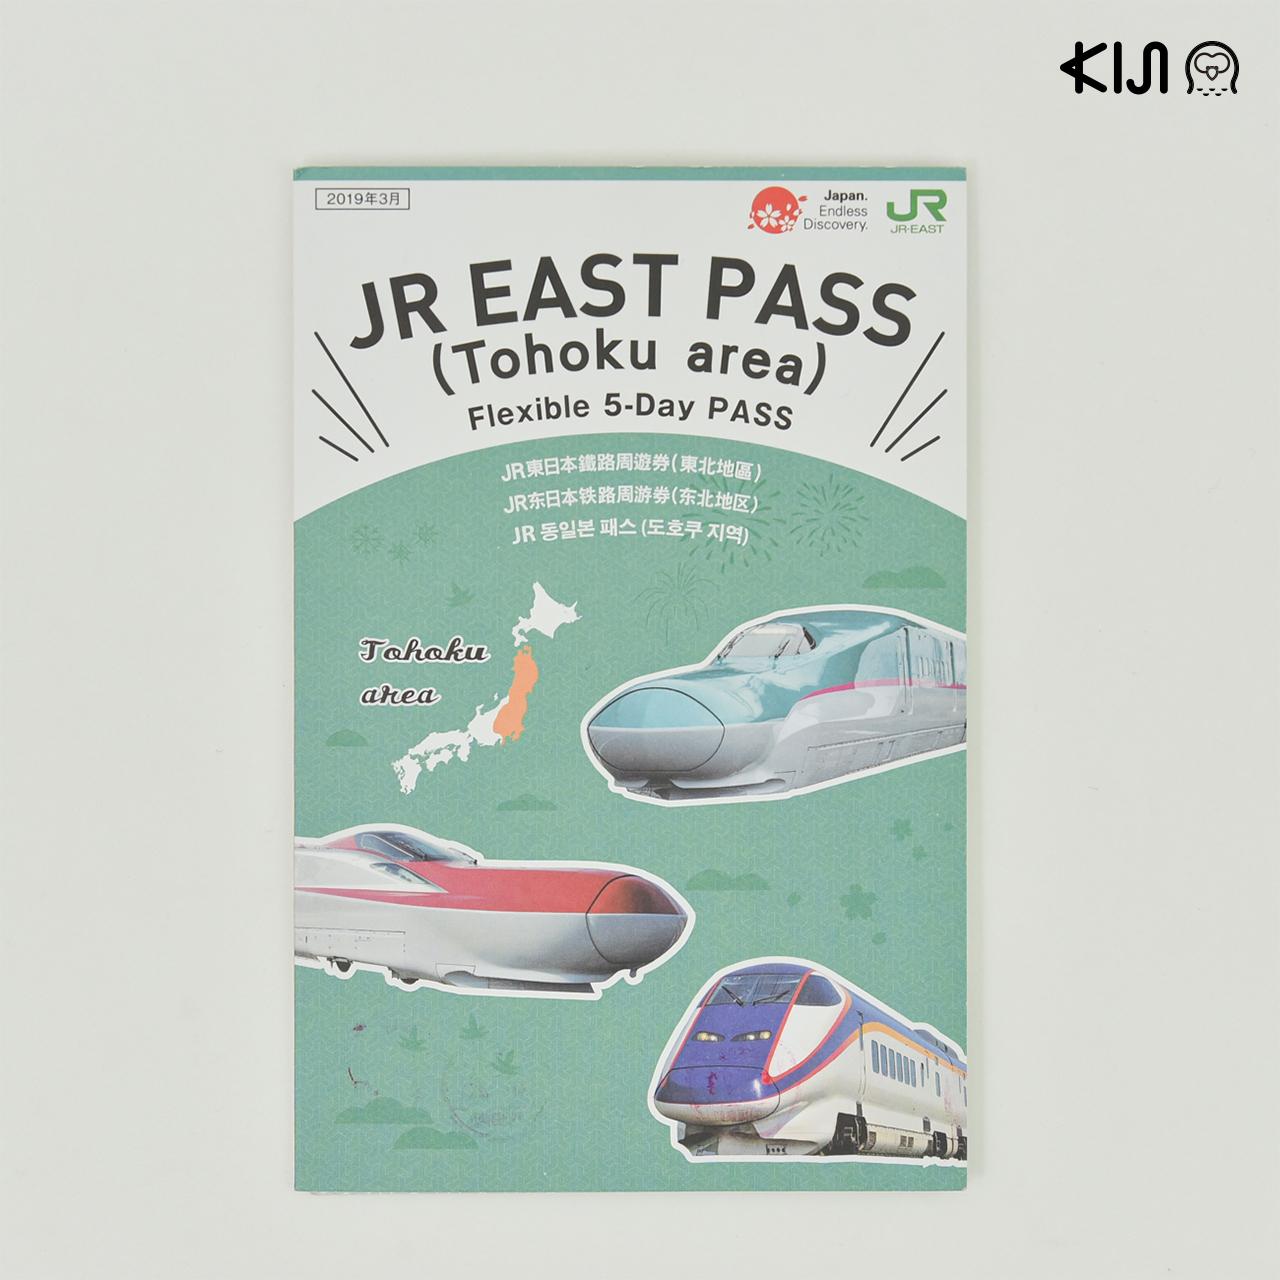 เดินทางไปกับ TOHOKU EMOTION ด้วย JR East Pass